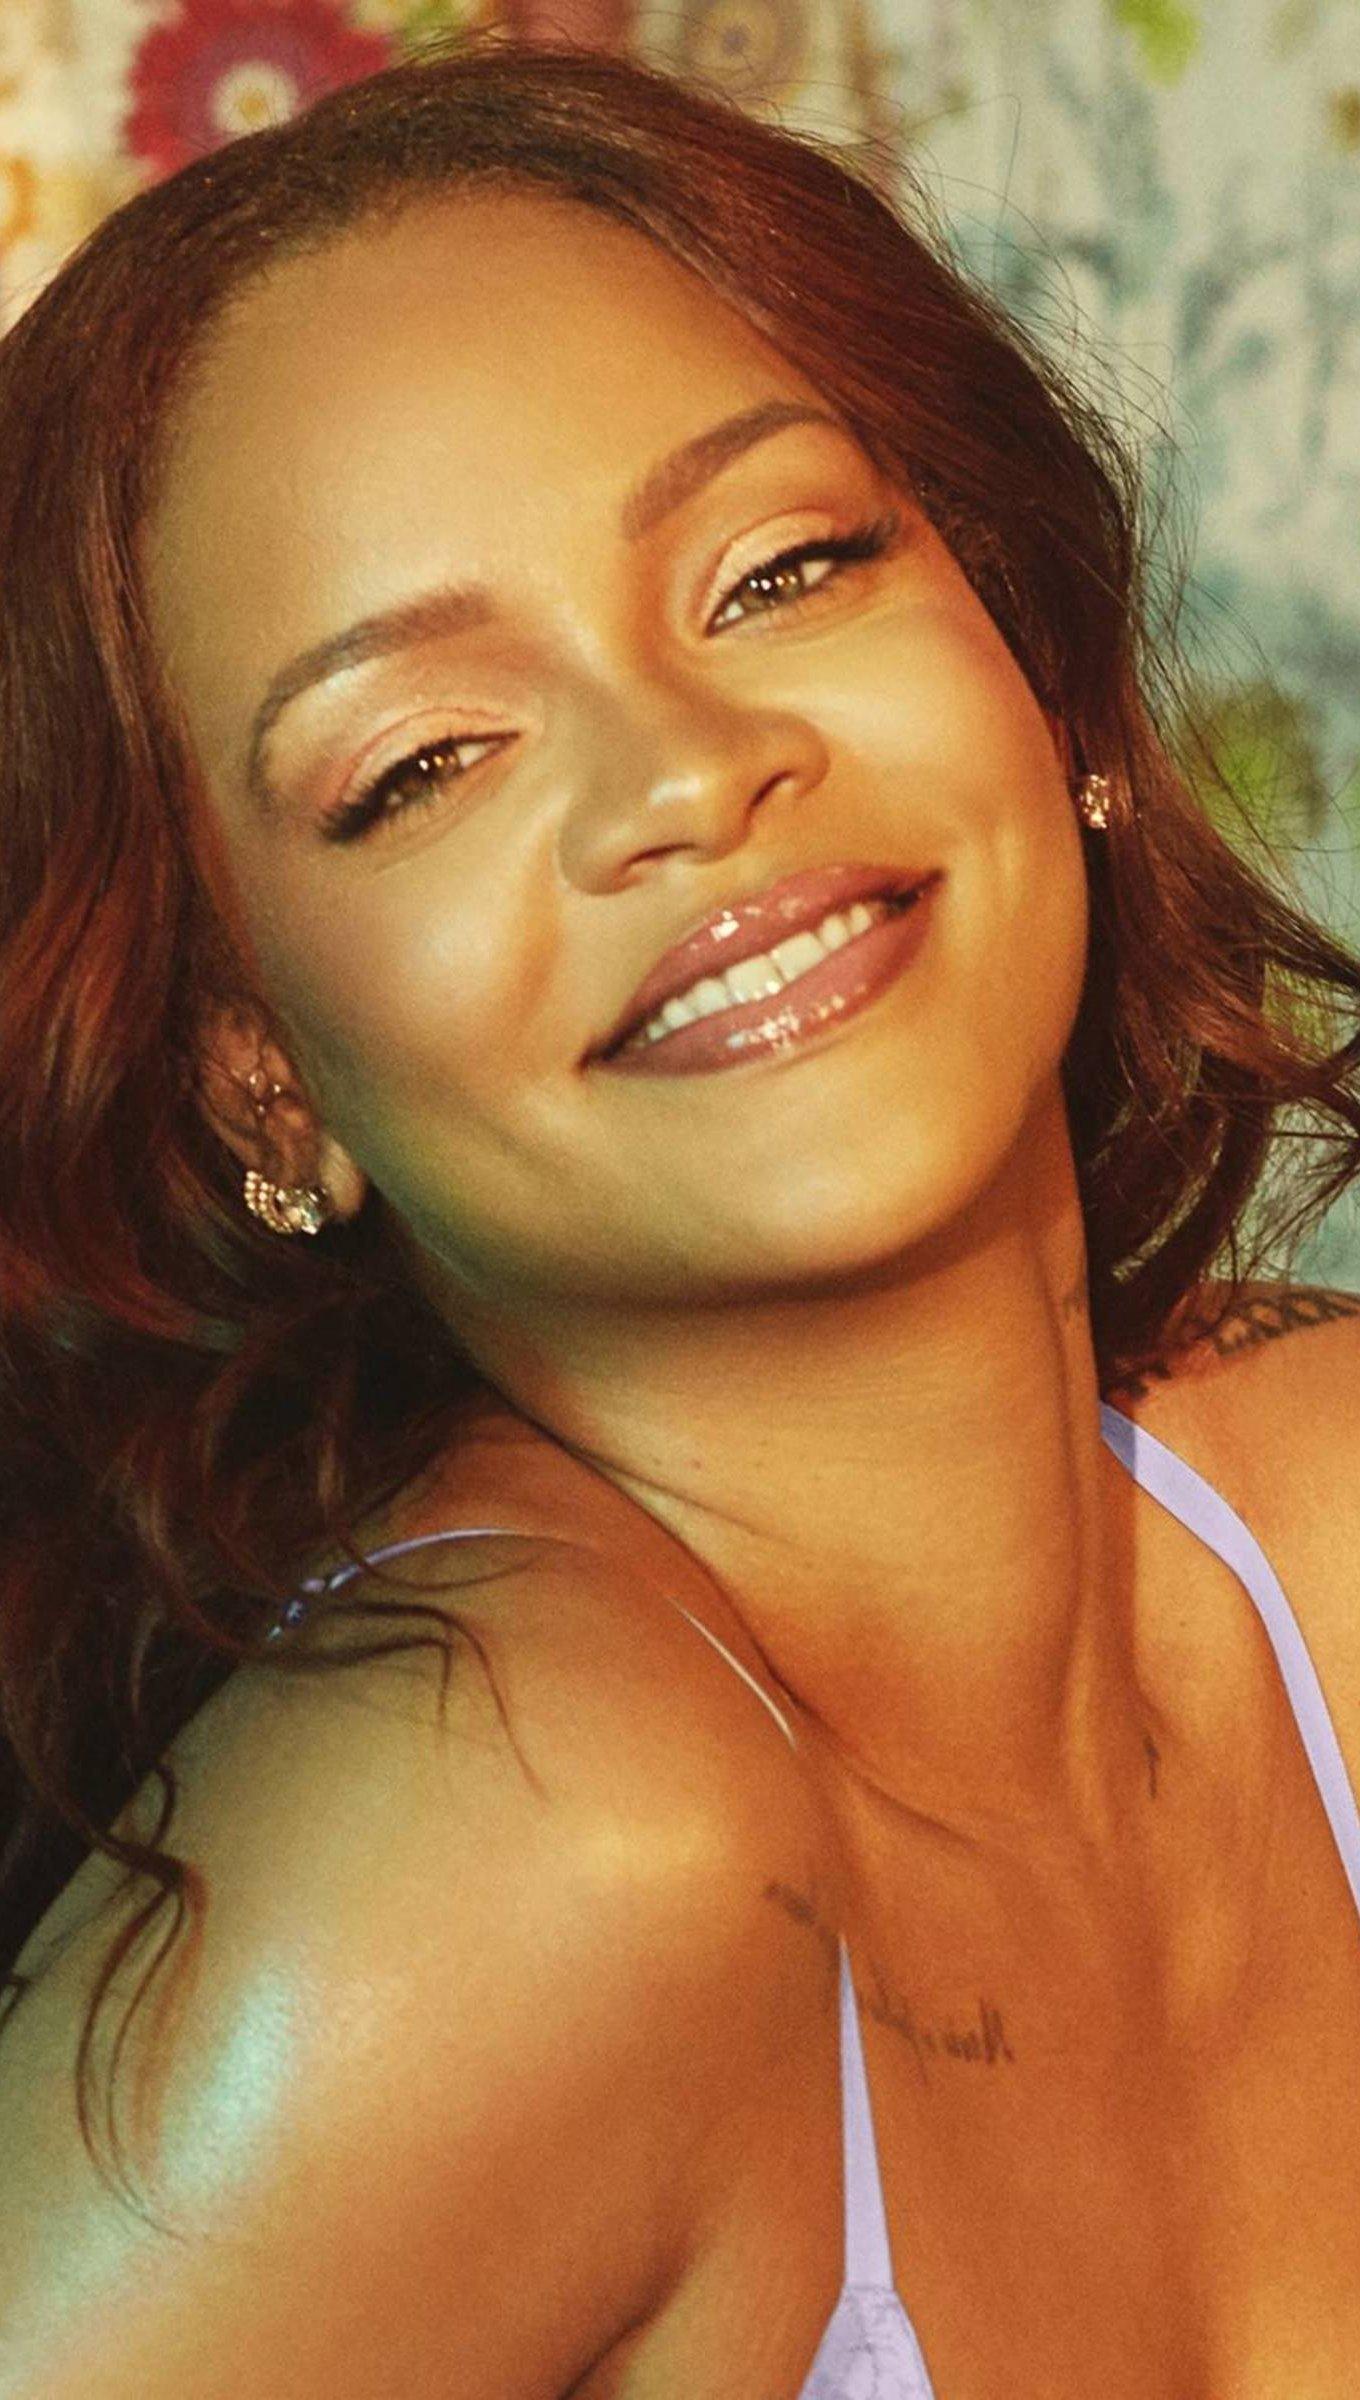 Fondos de pantalla Rihanna sonriendo Vertical